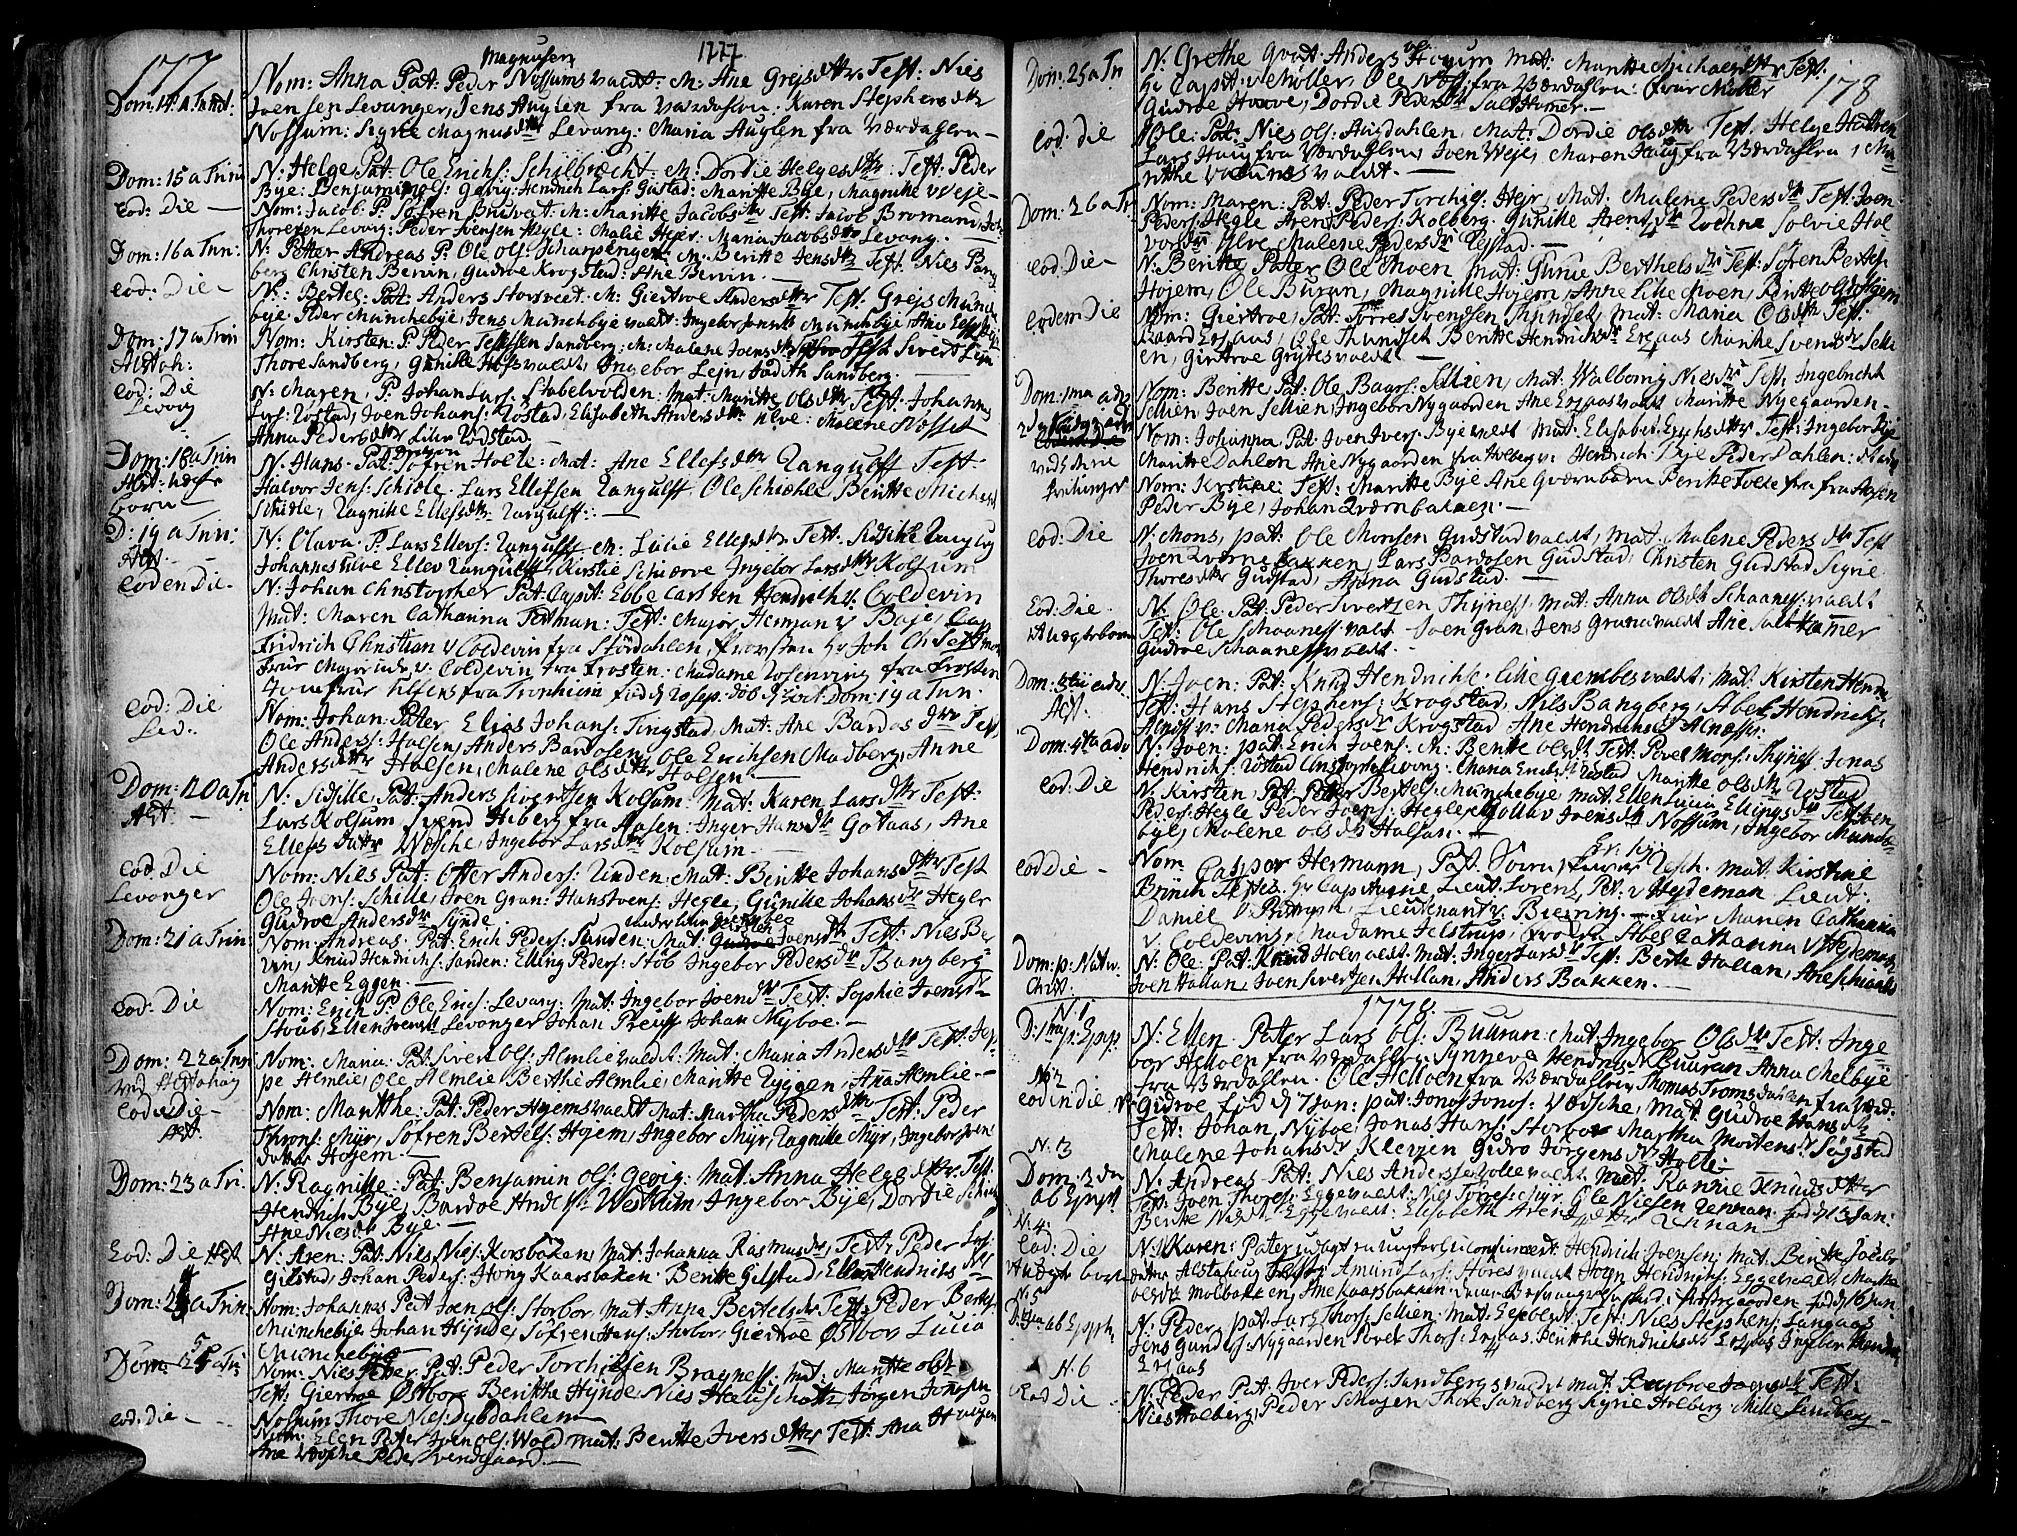 SAT, Ministerialprotokoller, klokkerbøker og fødselsregistre - Nord-Trøndelag, 717/L0141: Ministerialbok nr. 717A01, 1747-1803, s. 177-178